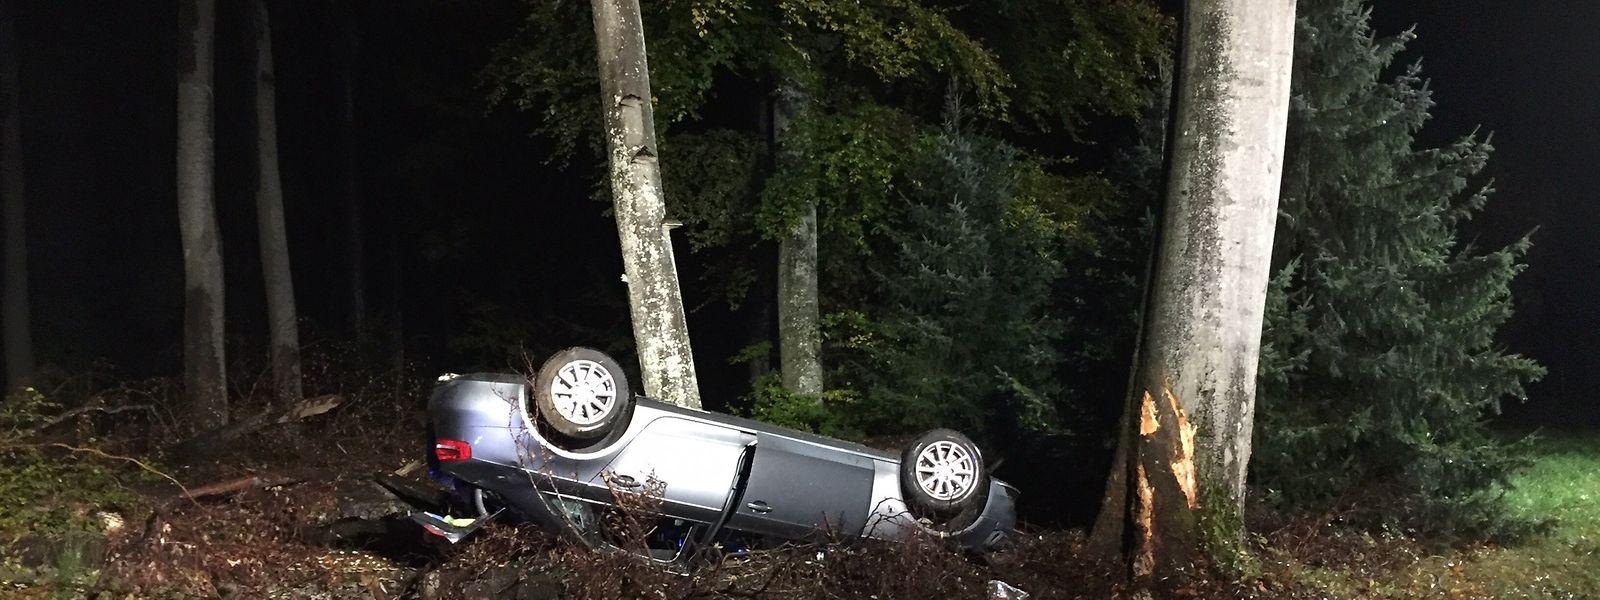 Leicht verletzt wurde der Fahrer dieses Autos, nachdem er am Samstagmorgen die Kontrolle über das Fahrzeug verloren und von der Straße abgekommen war.